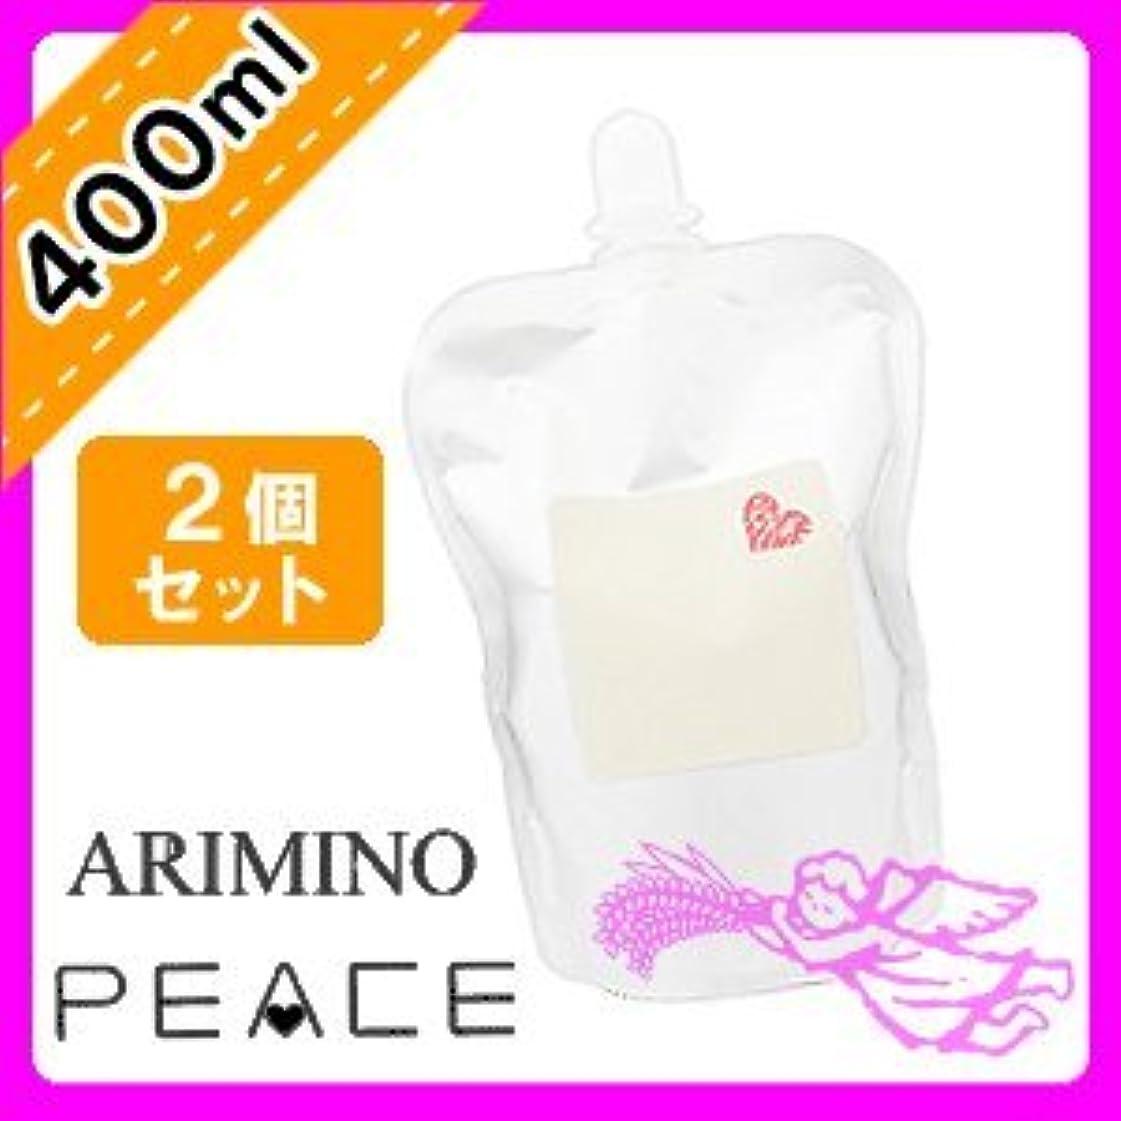 クレタ自由汚れたアリミノ ピース ホイップワックス ナチュラルウェーブ ホイップ400mL ×2個 セット詰め替え用 arimino PEACE